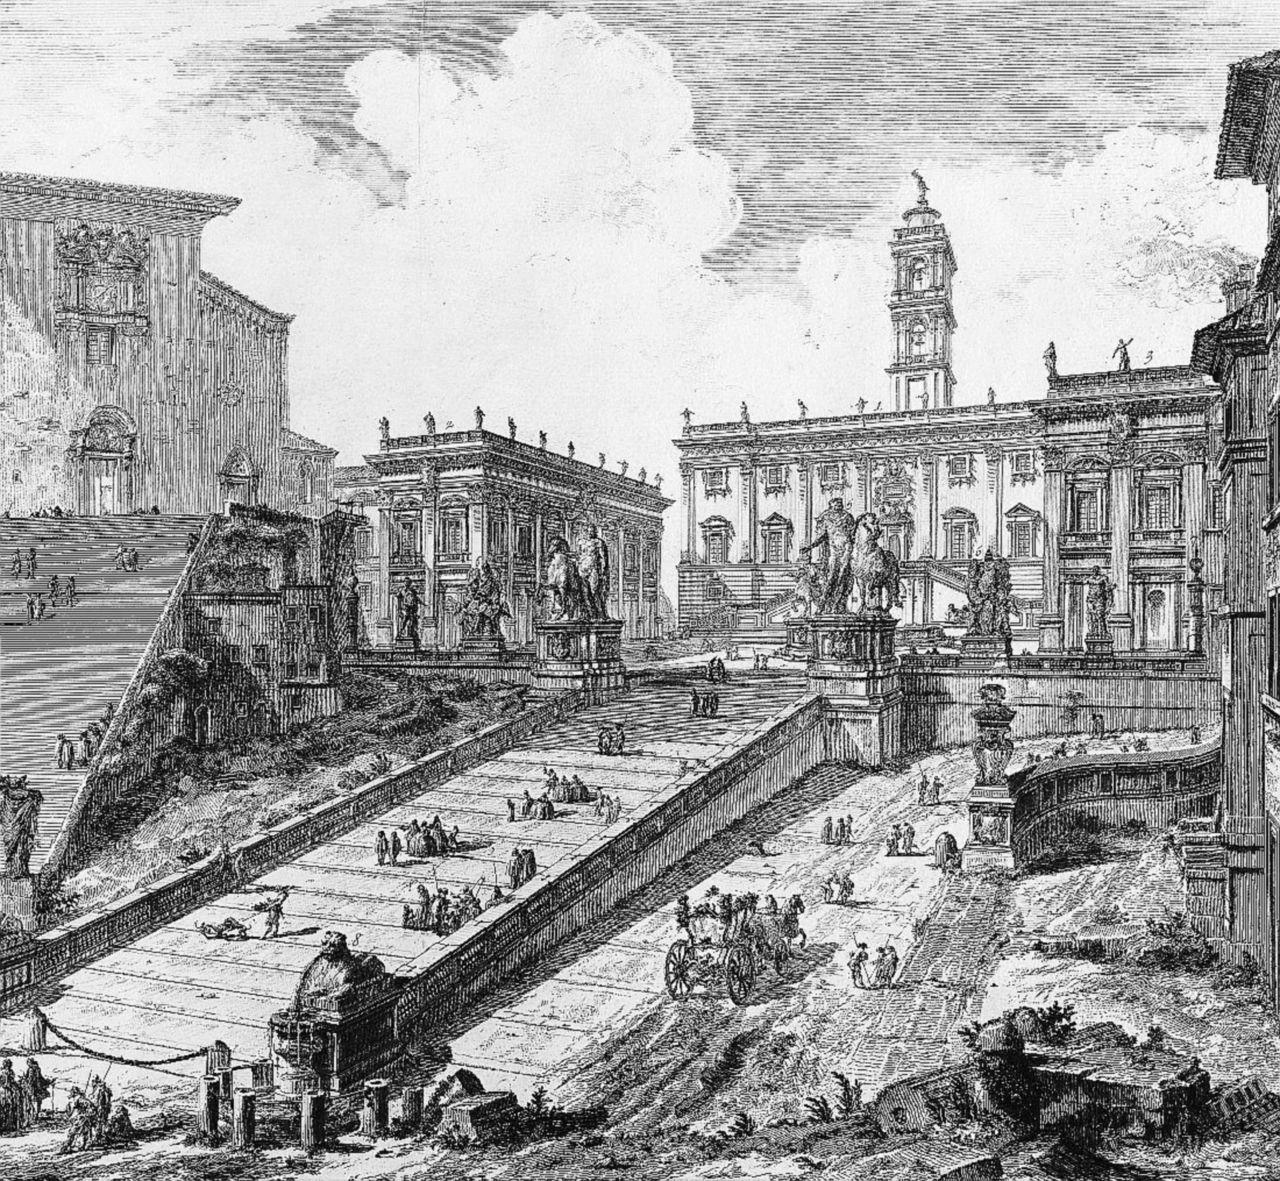 La grandiosa Roma del Settecento ricreata da Piranesi